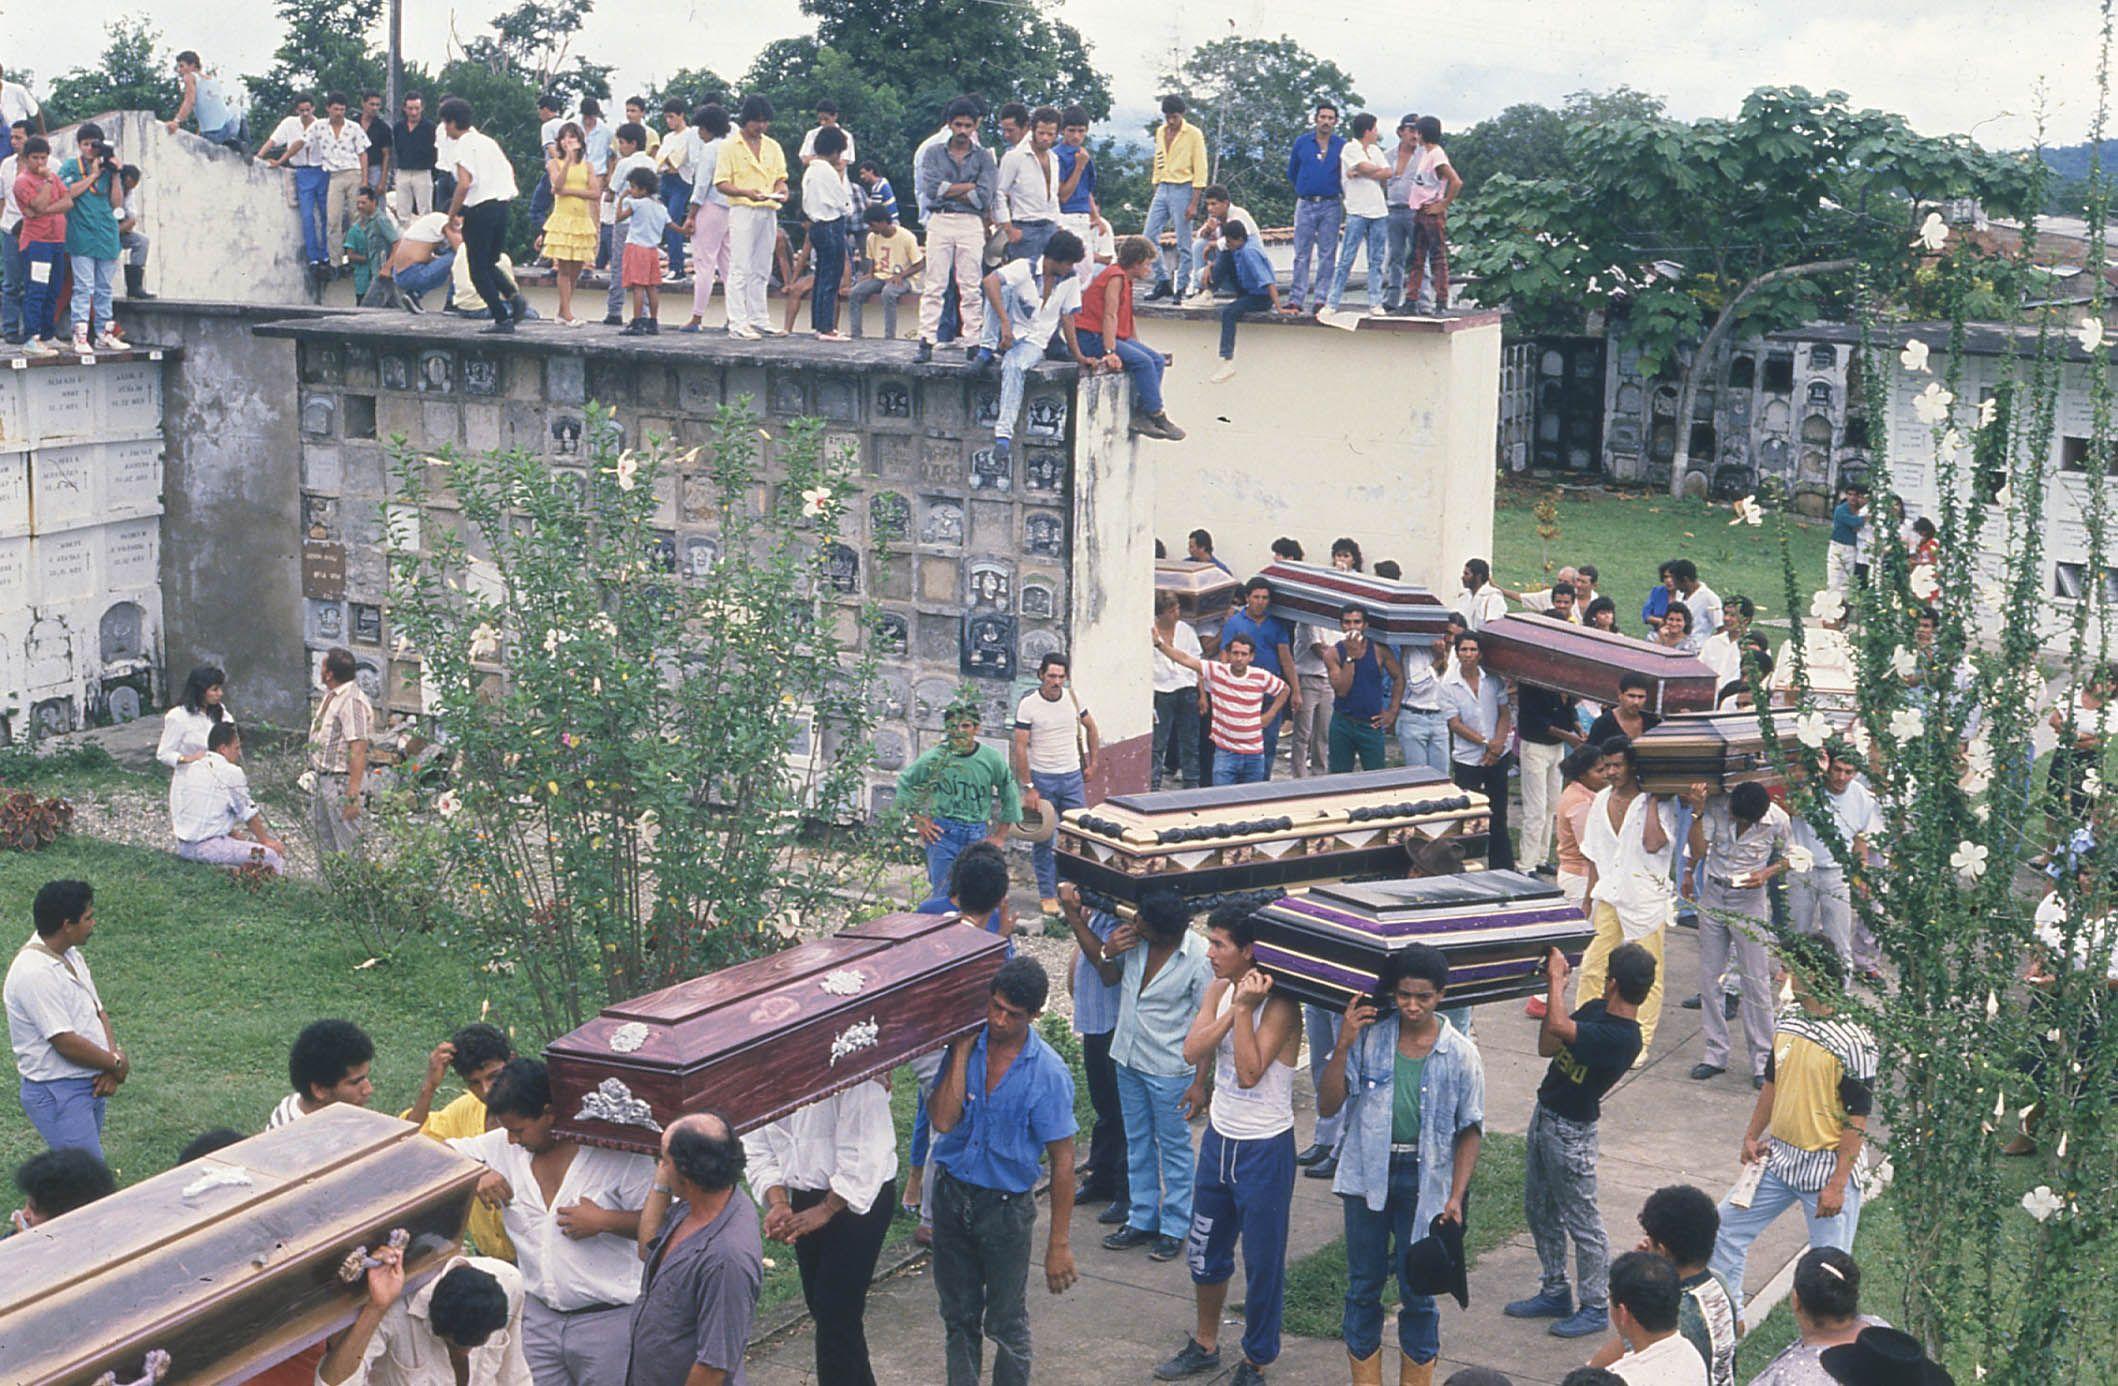 Un día como hoy,11 de noviembre, en 1988, ocurrió la masacre de Segovia, Antioquia. El hecho dejó 46 víctimas fatales y 60 heridos